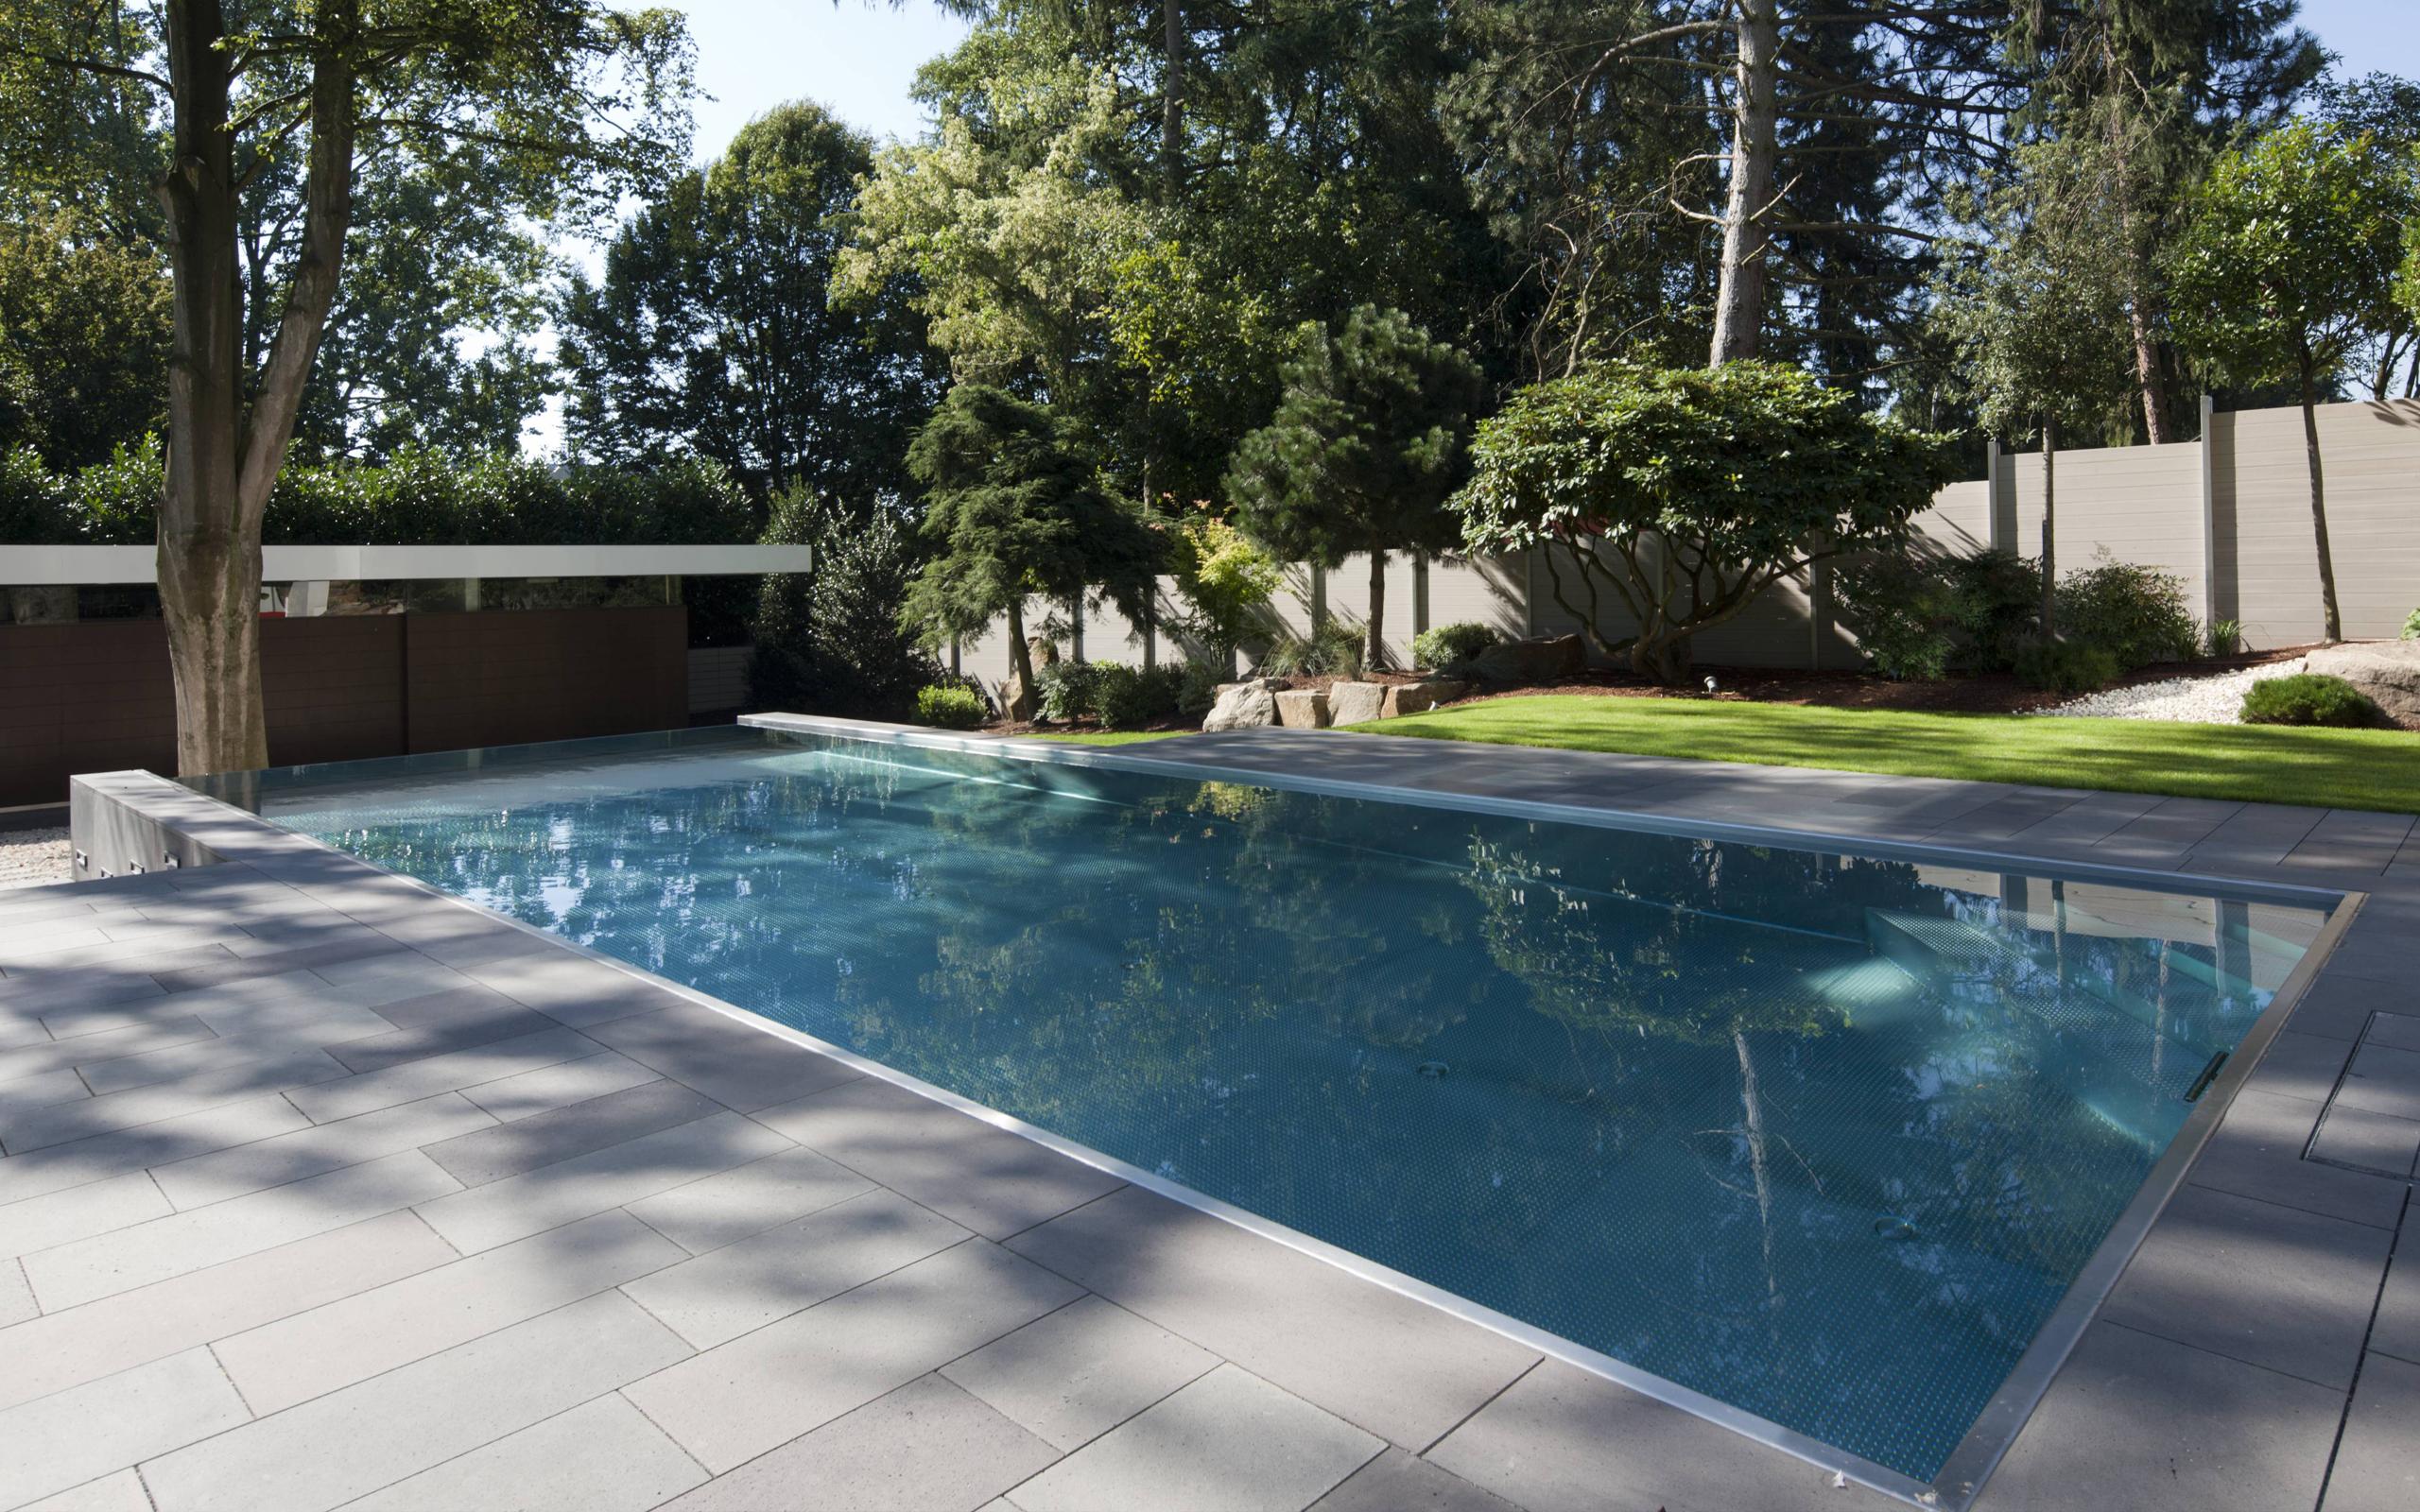 perfekt abgestimmt modernes haus und edelstahl pool mit infinity berlaufrinne als gesamtkunstwerk. Black Bedroom Furniture Sets. Home Design Ideas